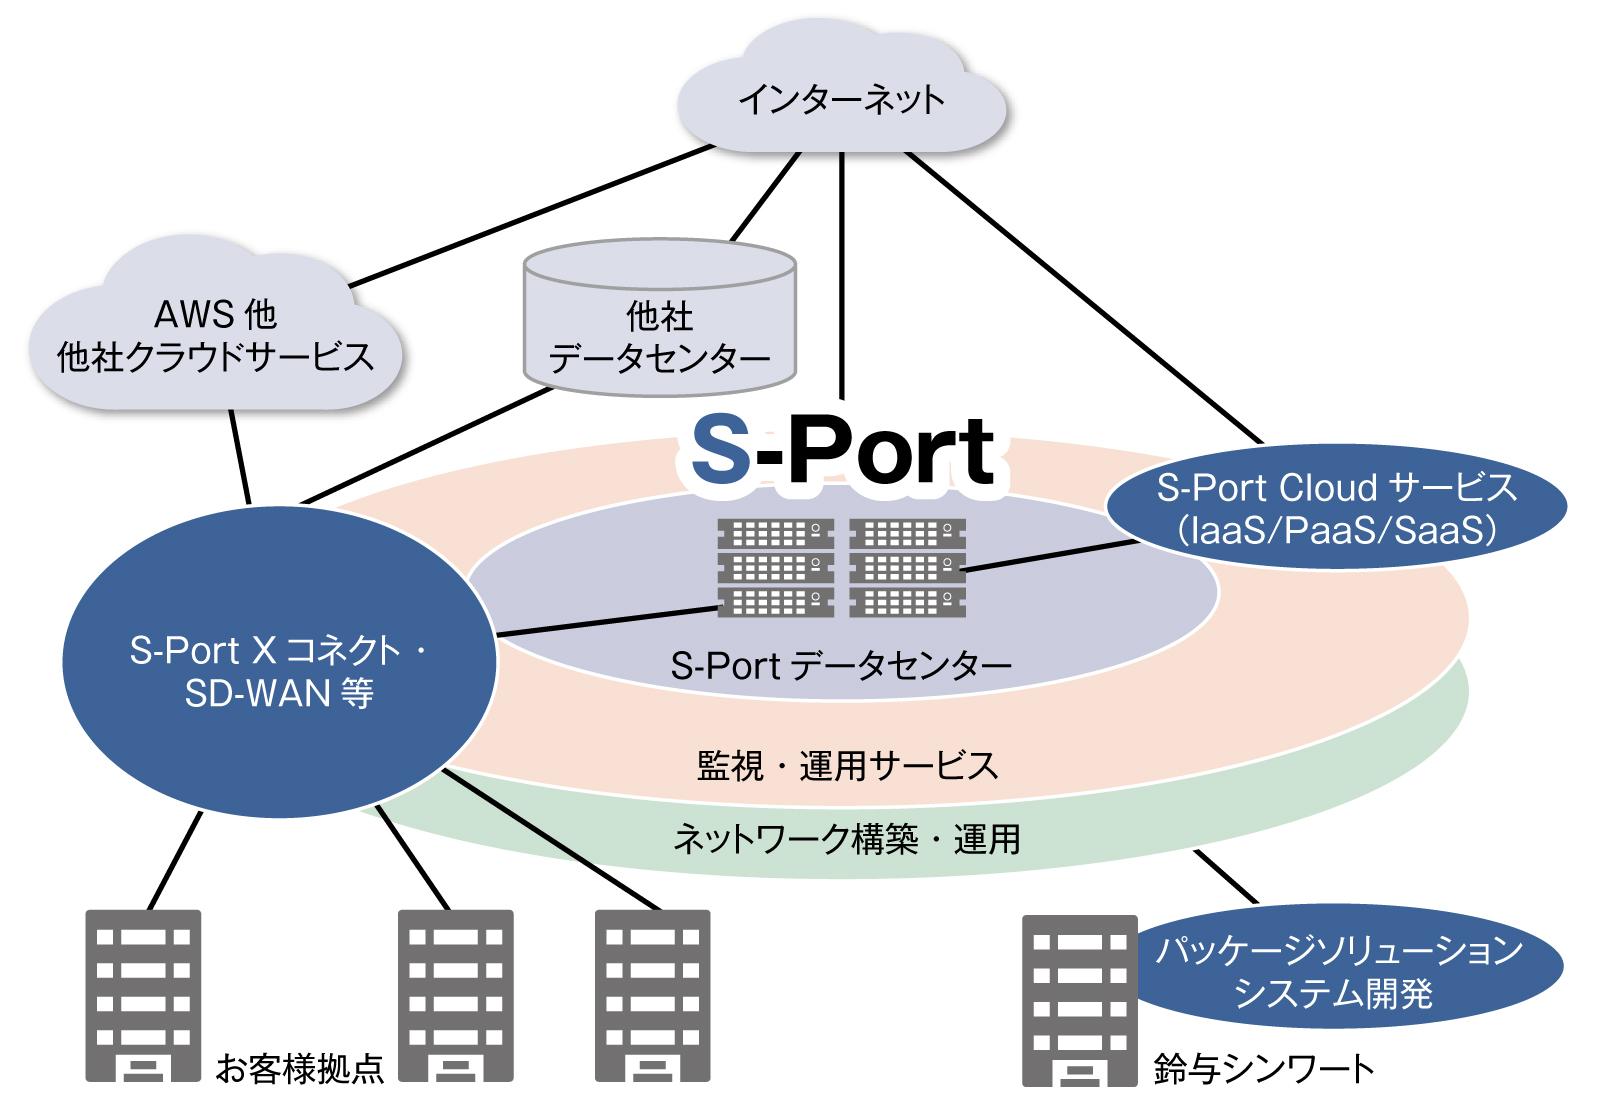 図1 ネットワーク構築からシステムインテグレーション、監視・運用までをトータルでサポートする鈴与シンワートのS-Portソリューション